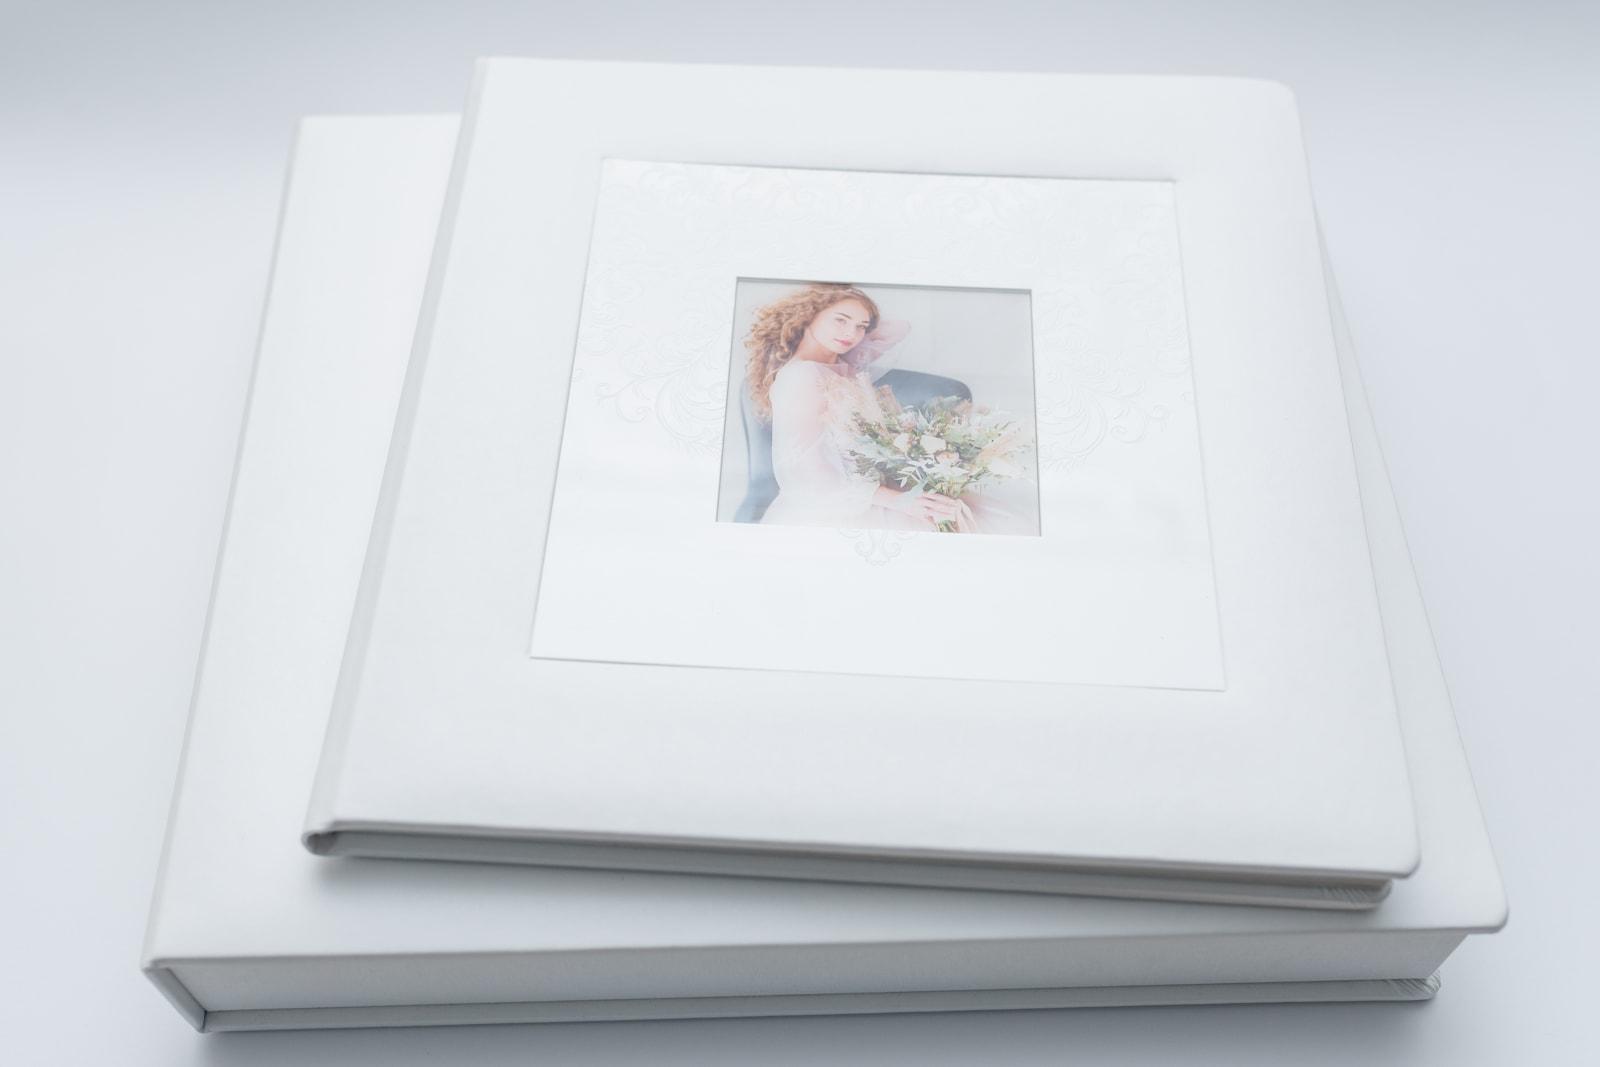 Fotoalbum pro, oferta albumów ślubnych, oferta premium